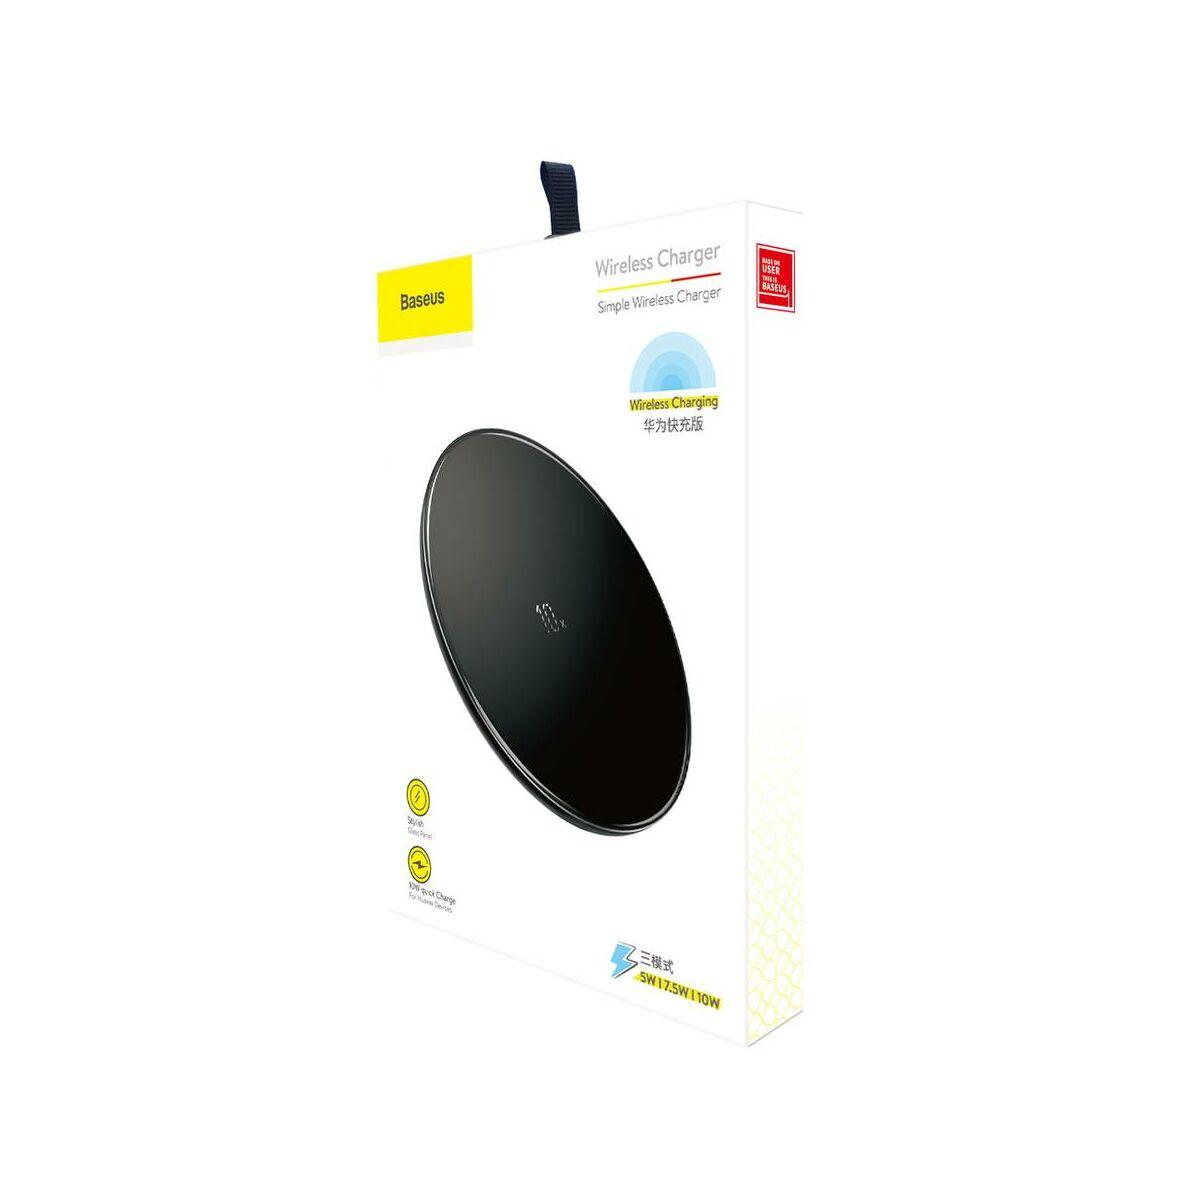 Baseus vezeték nélküli töltő, 10W, fekete (CCALL-CJK01)